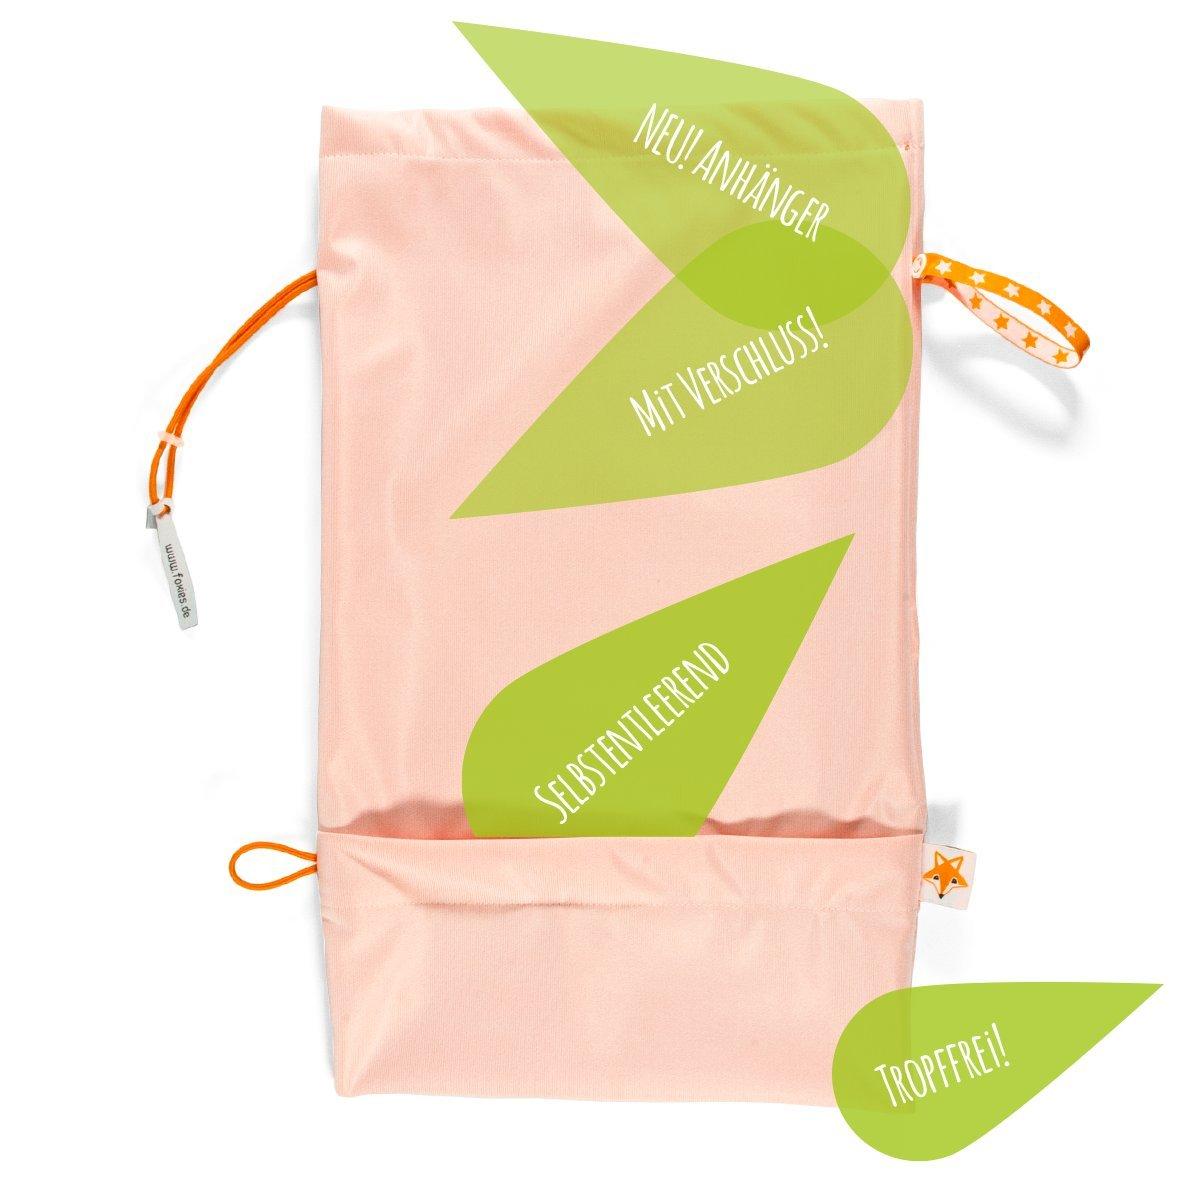 Foxy Baby® Windelbeutel, selbstentleerende Windeltasche mit Auslaufschutz Foxy Baby® Windelbeutel Foxies Family GmbH A-FB-WIB-V08-01-144C